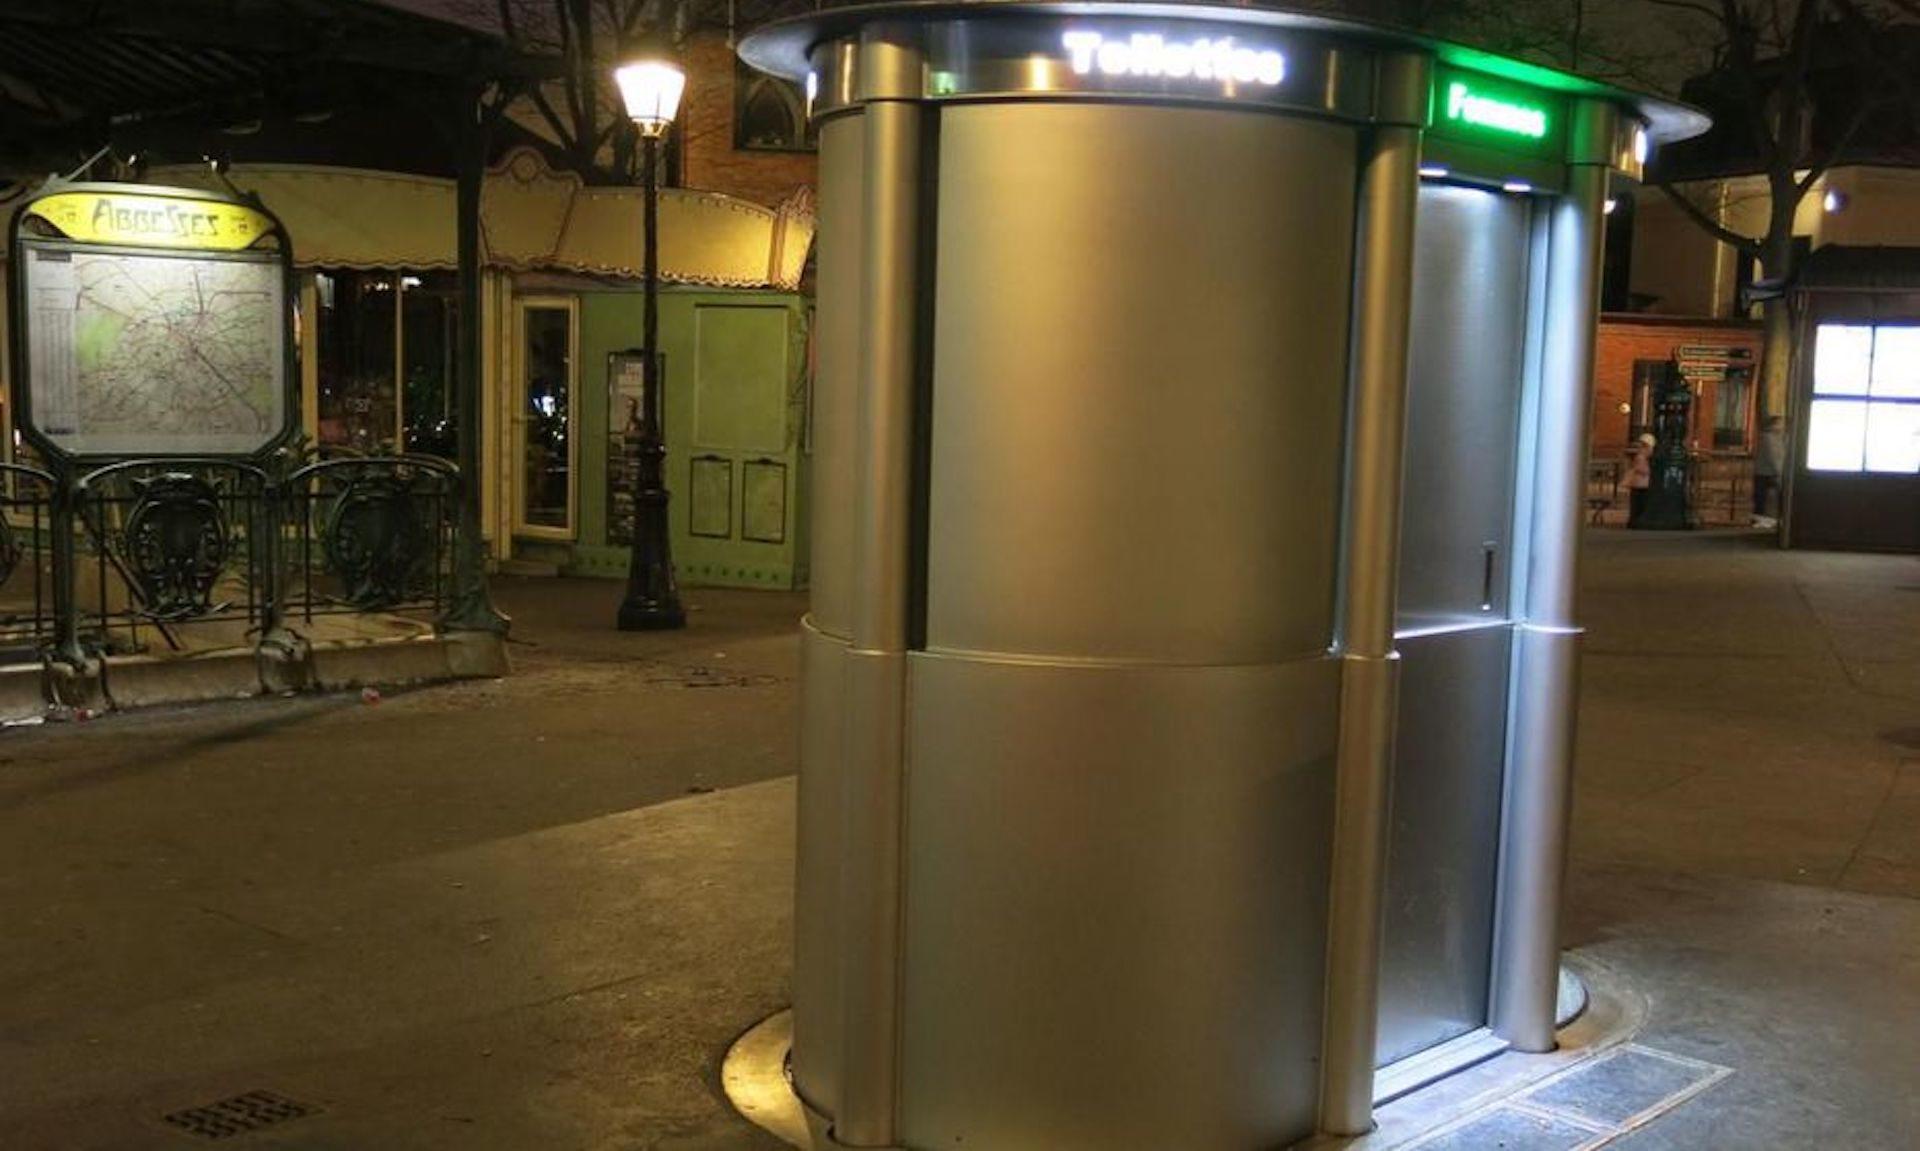 Paris : Des Toilettes Publiques Qui Ne Sortent Du Sol Que pour Toilette Publique Paris